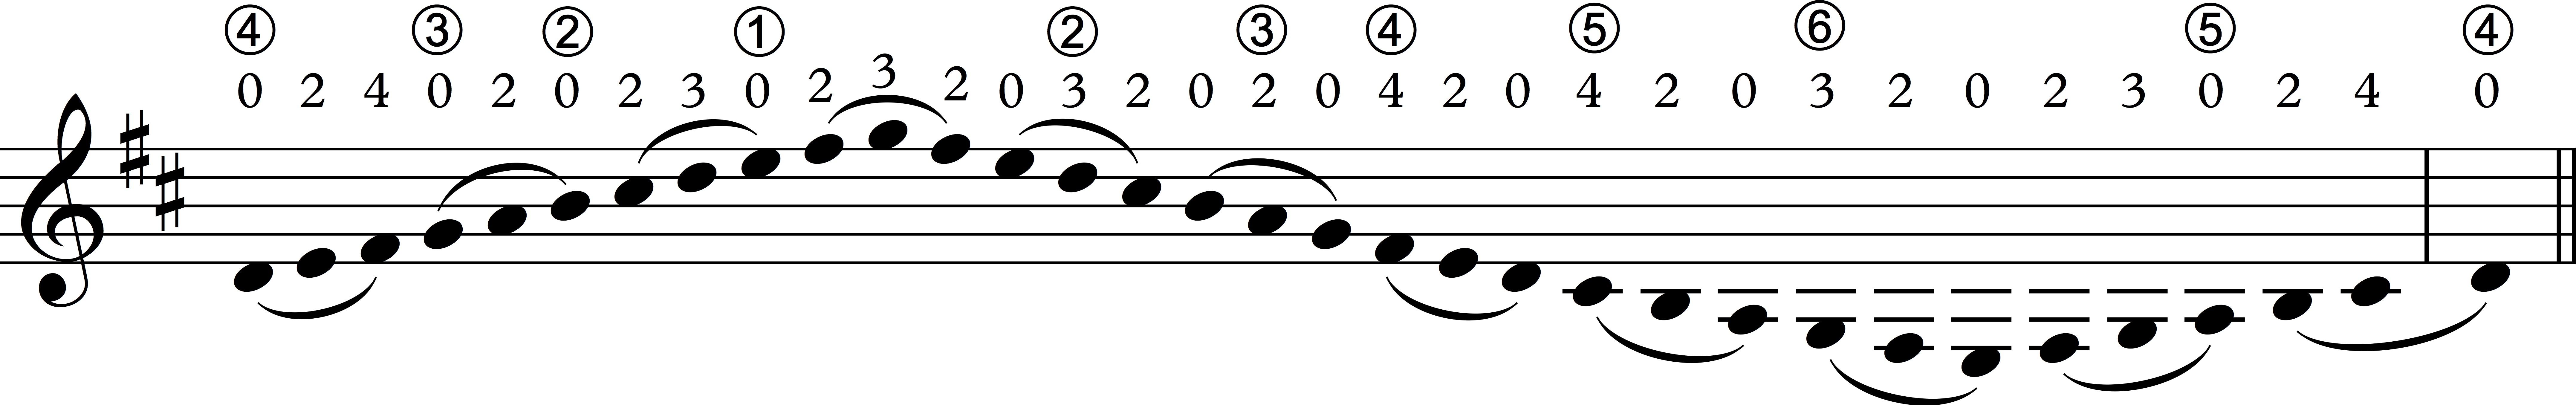 Scale D major open Phrase 2.jpg